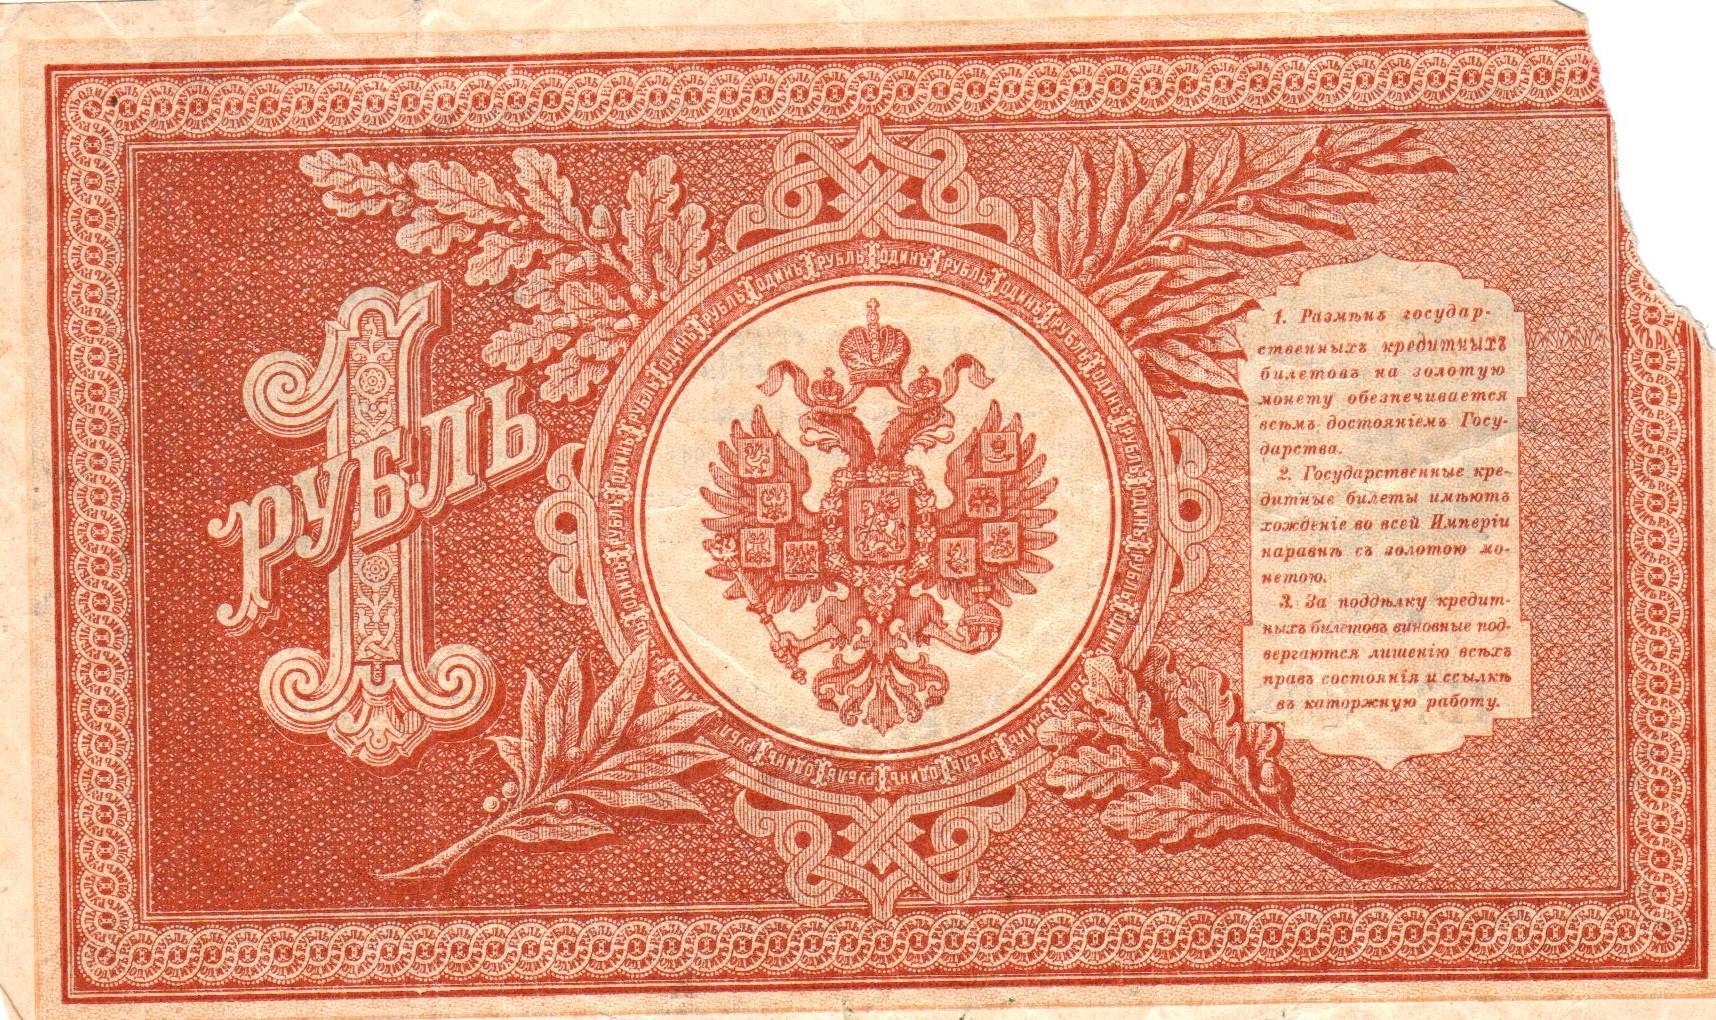 Нажмите на изображение для увеличения Название: 1 рубль (2).jpg Просмотров: 32 Размер:875.6 Кб ID:81504